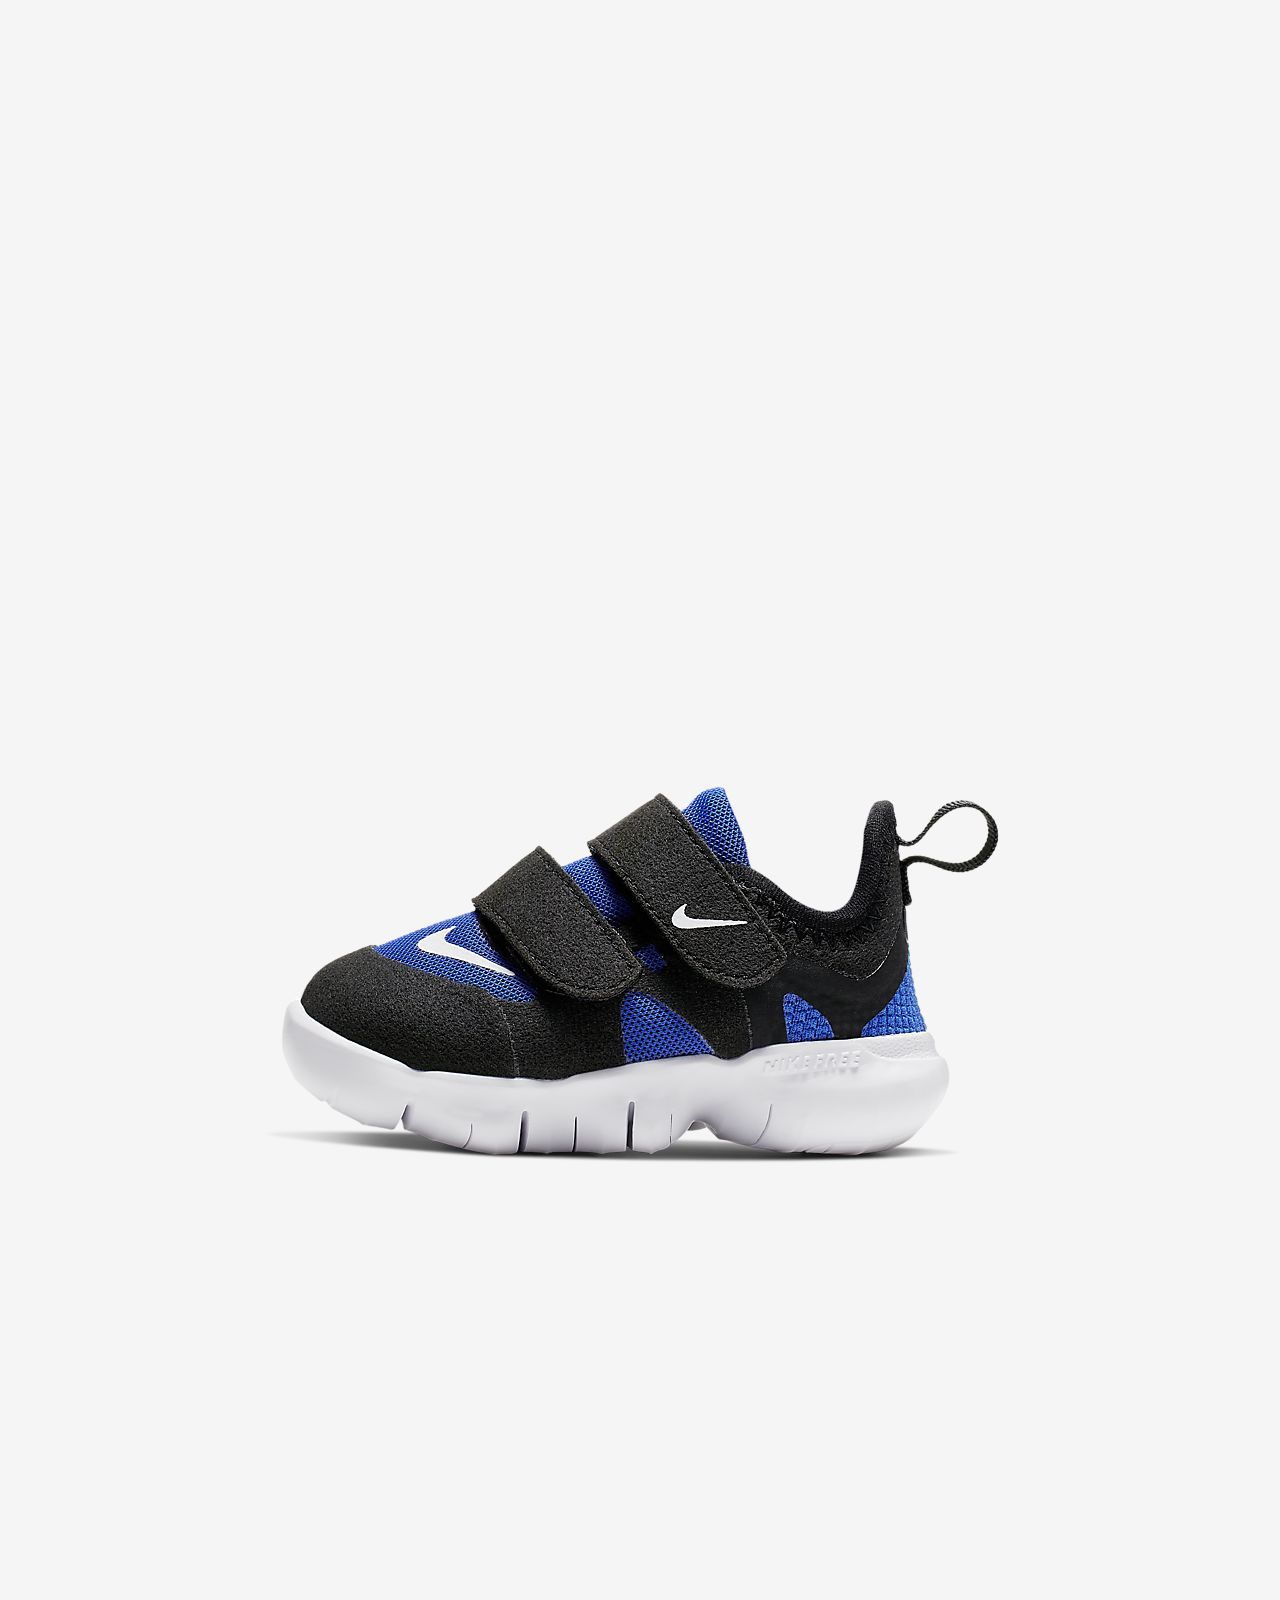 Nike Free RN 5.0 Sabatilles - Nadó i infant